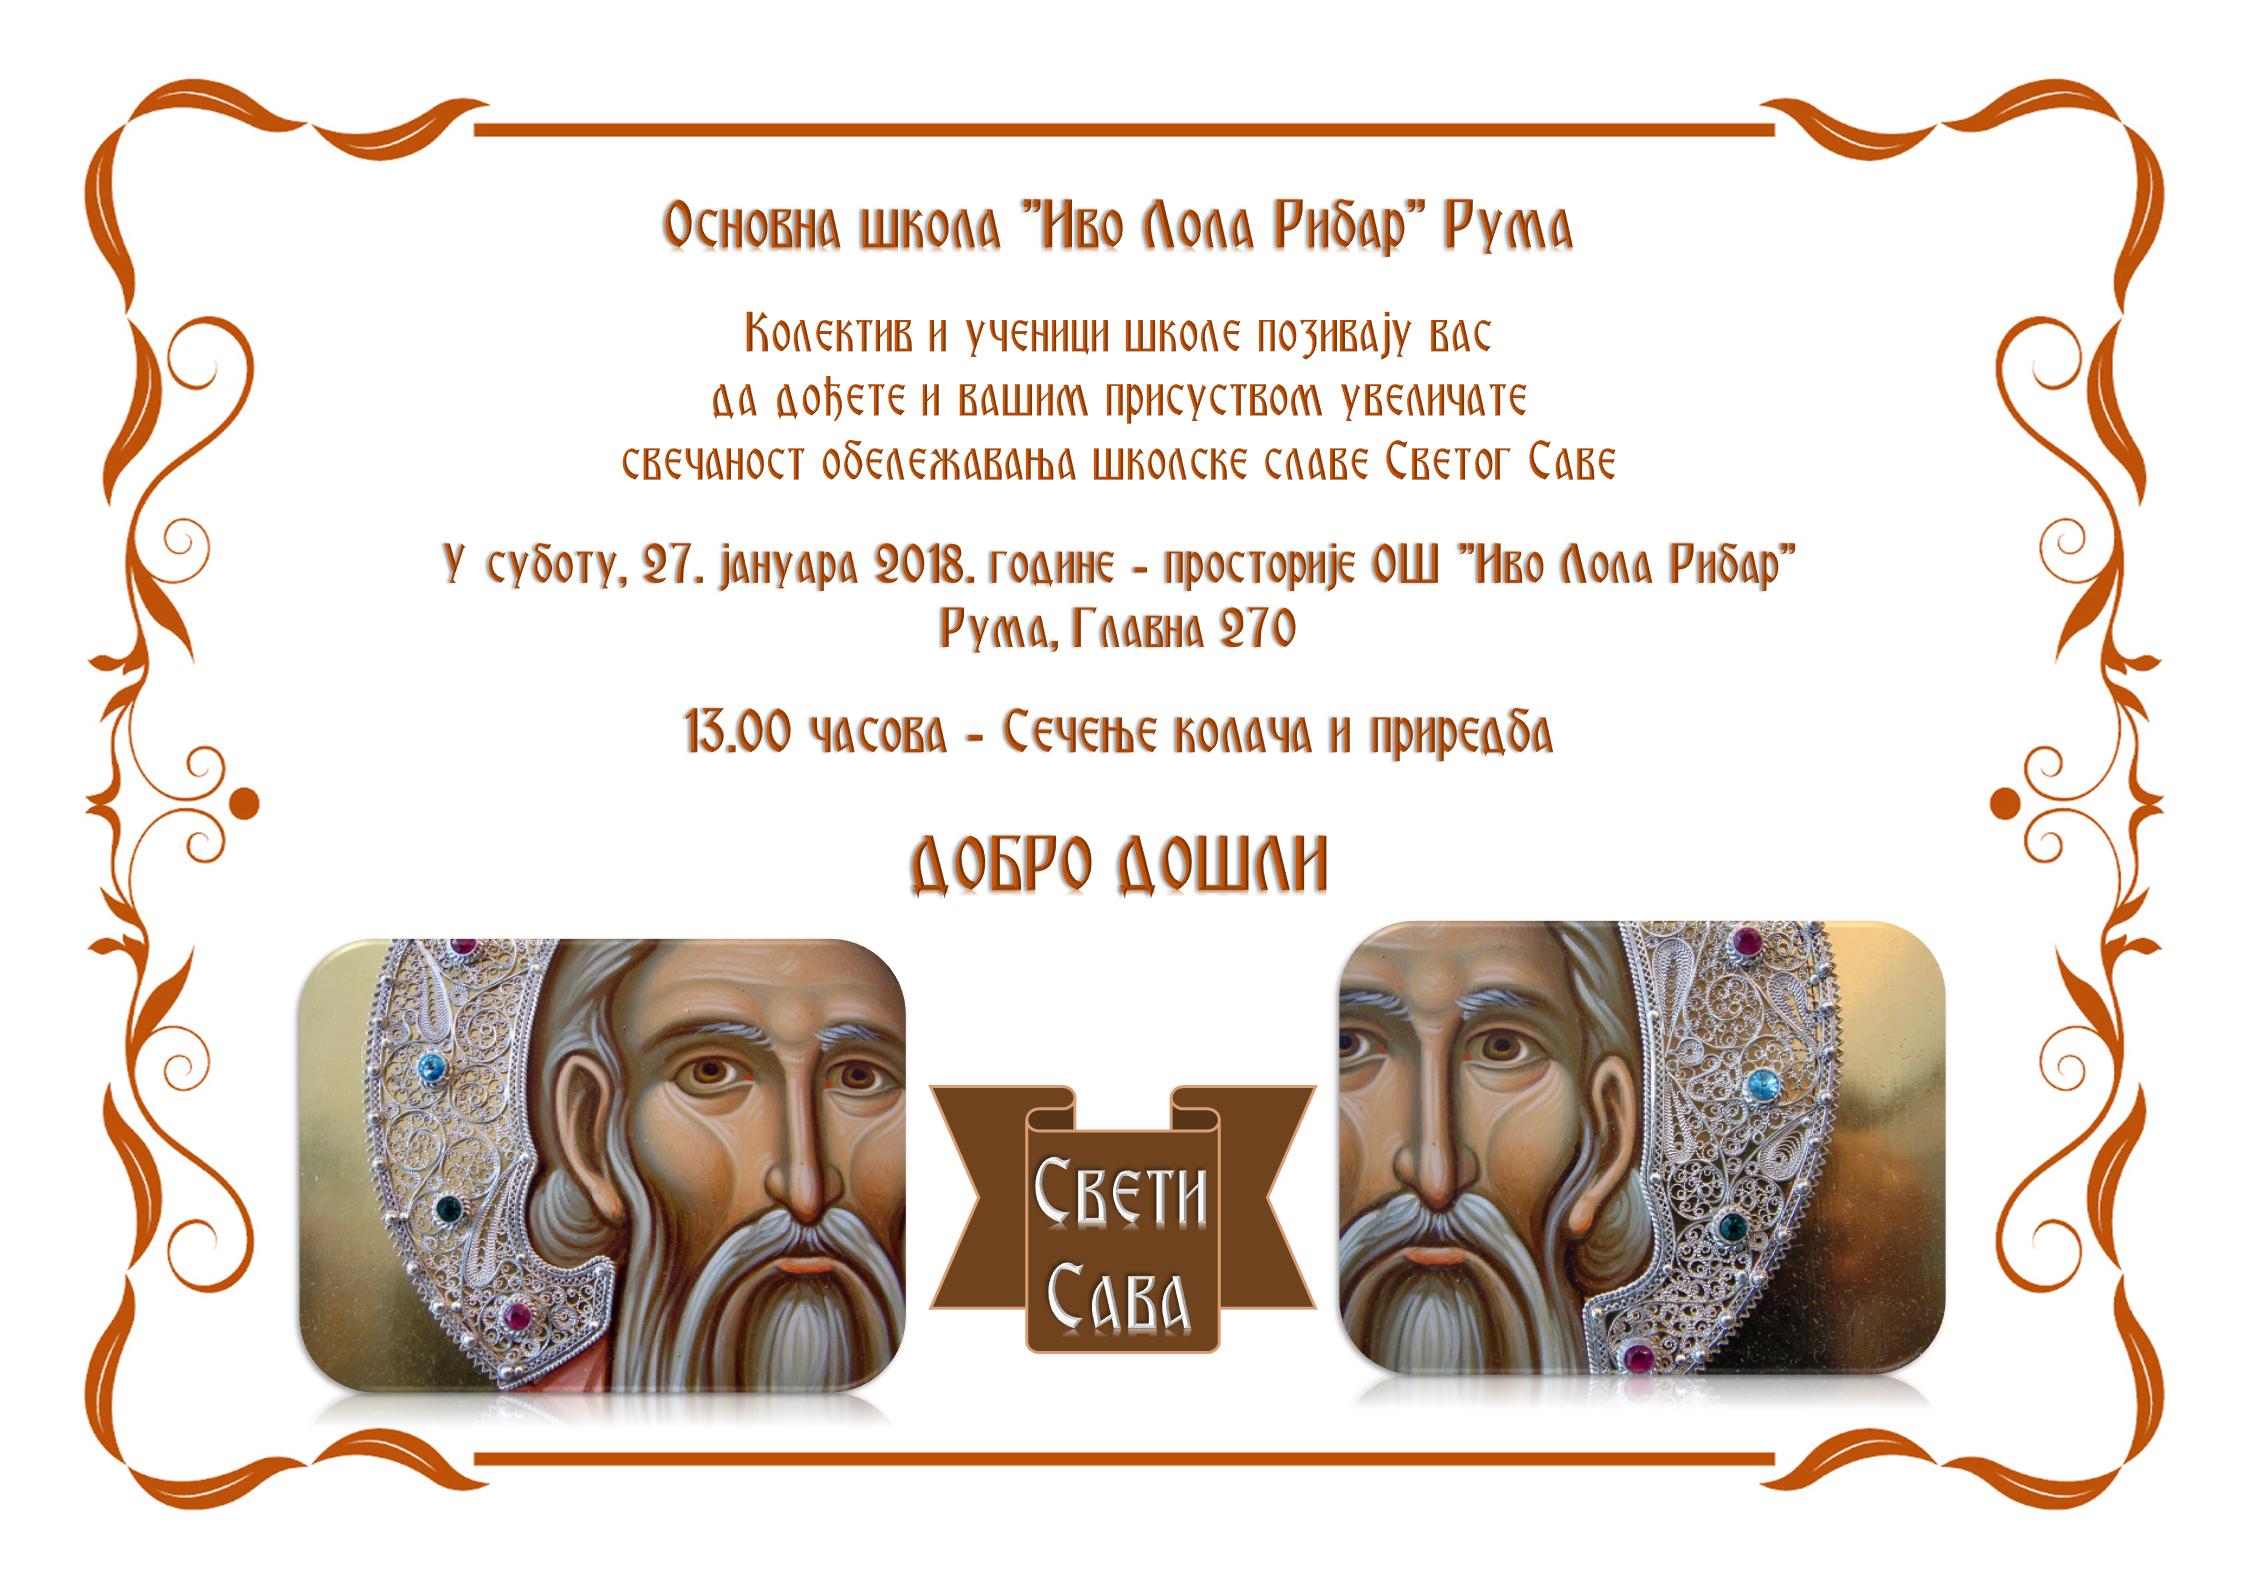 Sveti Sava 17-18